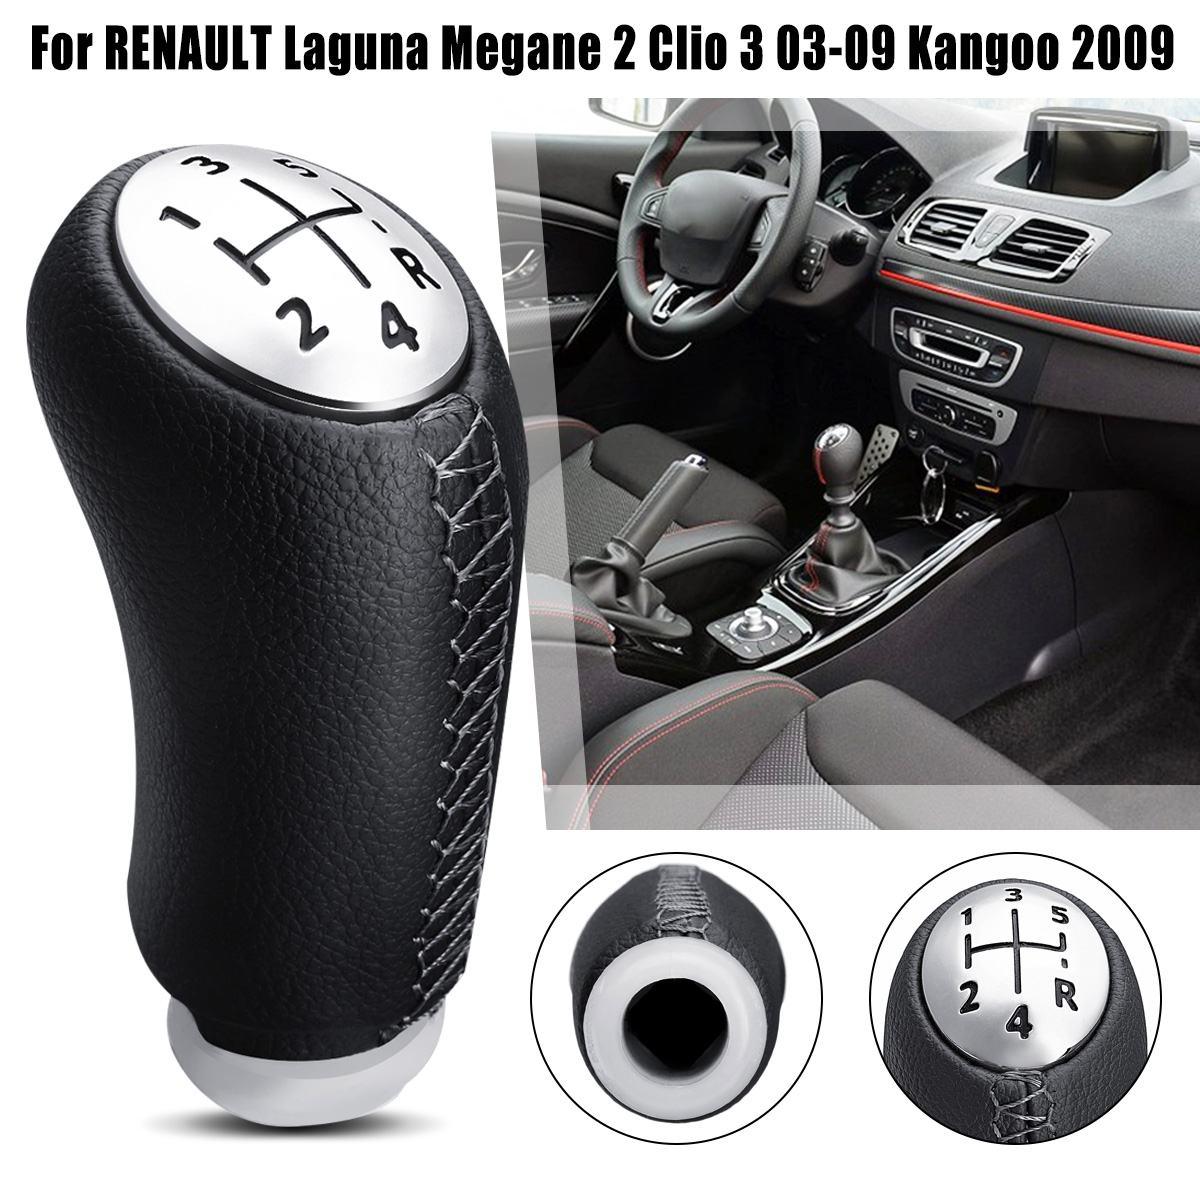 Velocidad de 5 de mando de cuero de la PU de la cabeza de palo para Renault Laguna Megane 2 Clio 2003, 2004, 2005, 2006, 2007, 2008, 2009 Scenic2 Kangoo